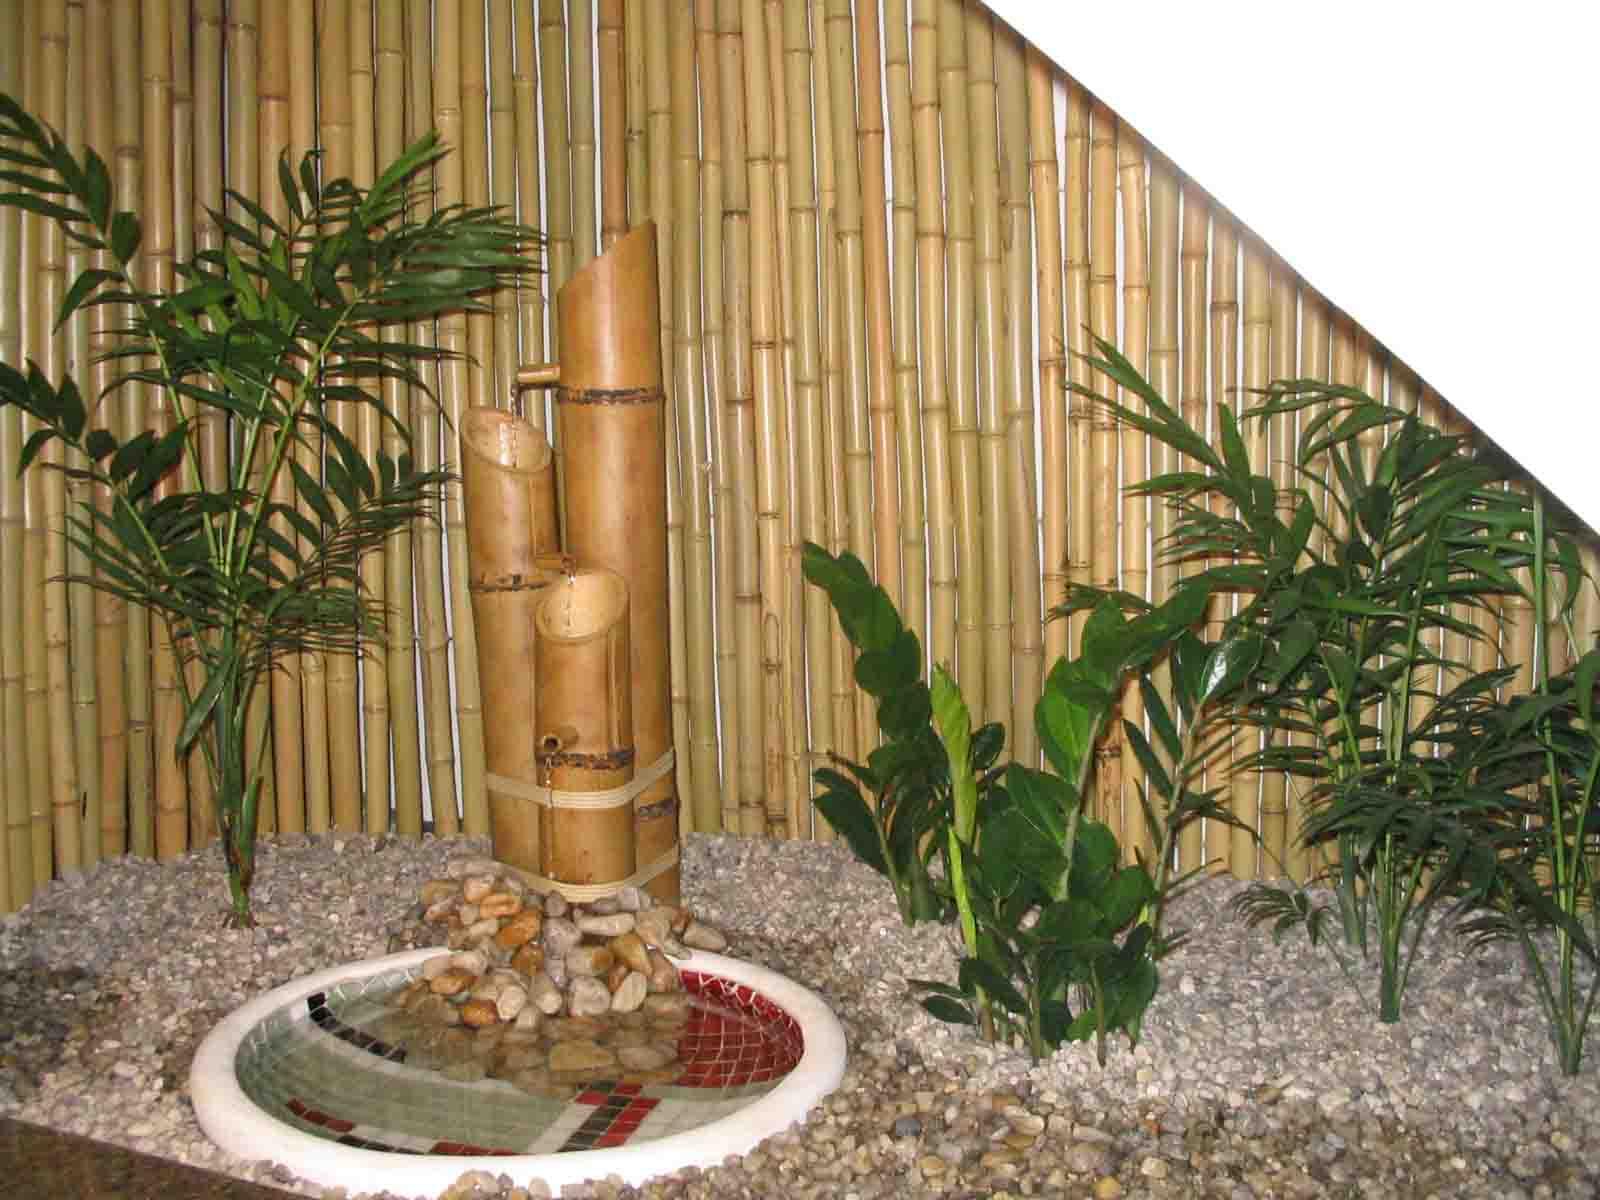 fotos de decoração para jardim de inverno pequeno